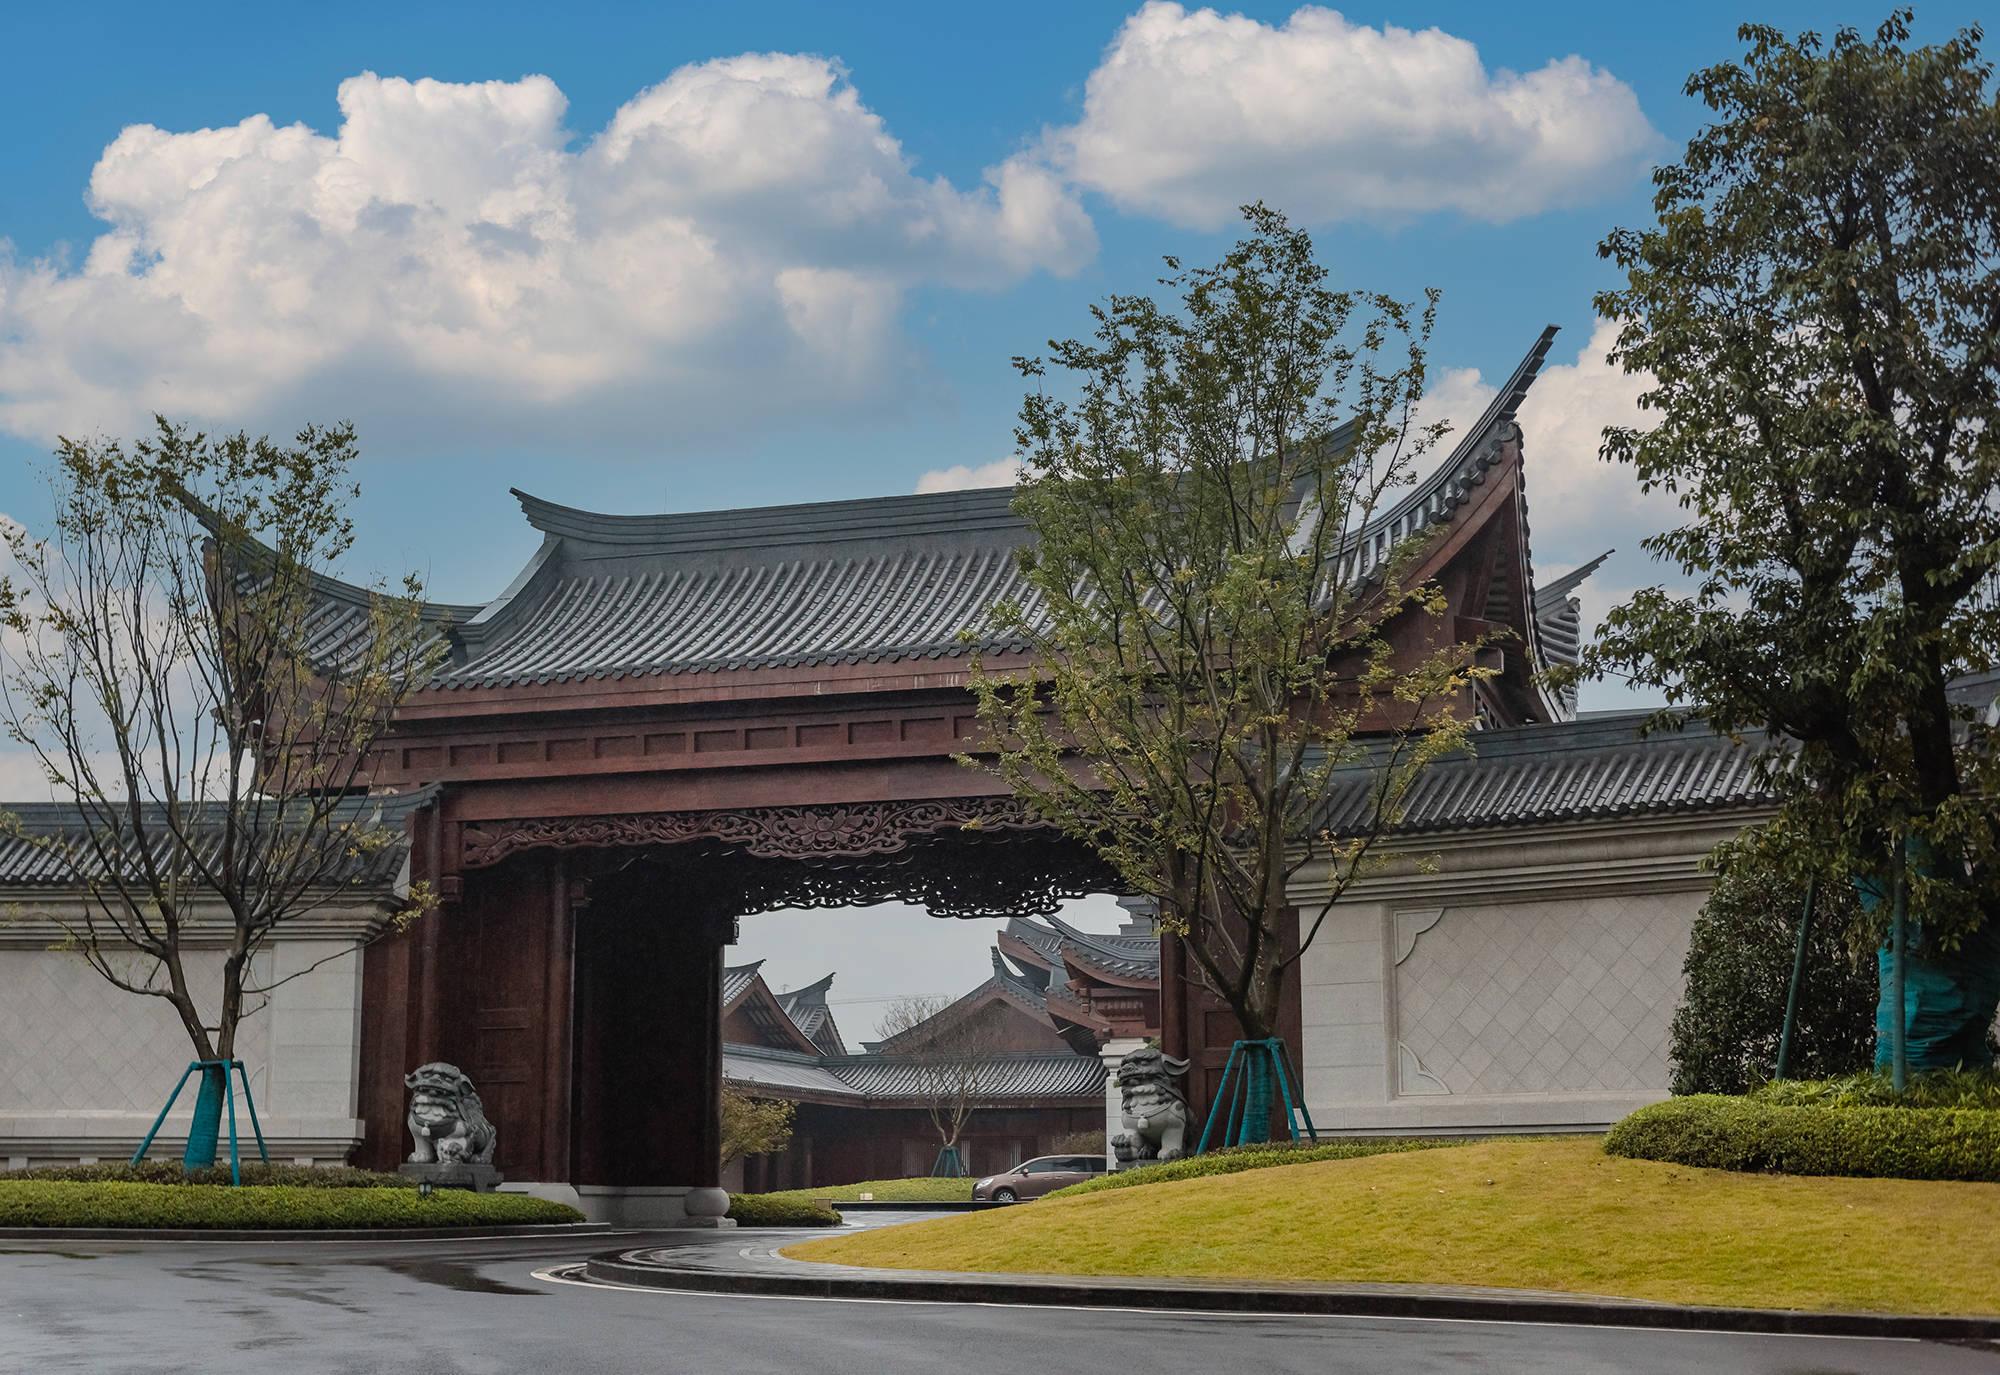 """原创             距成都半小时车程:有座隐匿的古典庭院,私汤环境像极了""""京都"""""""